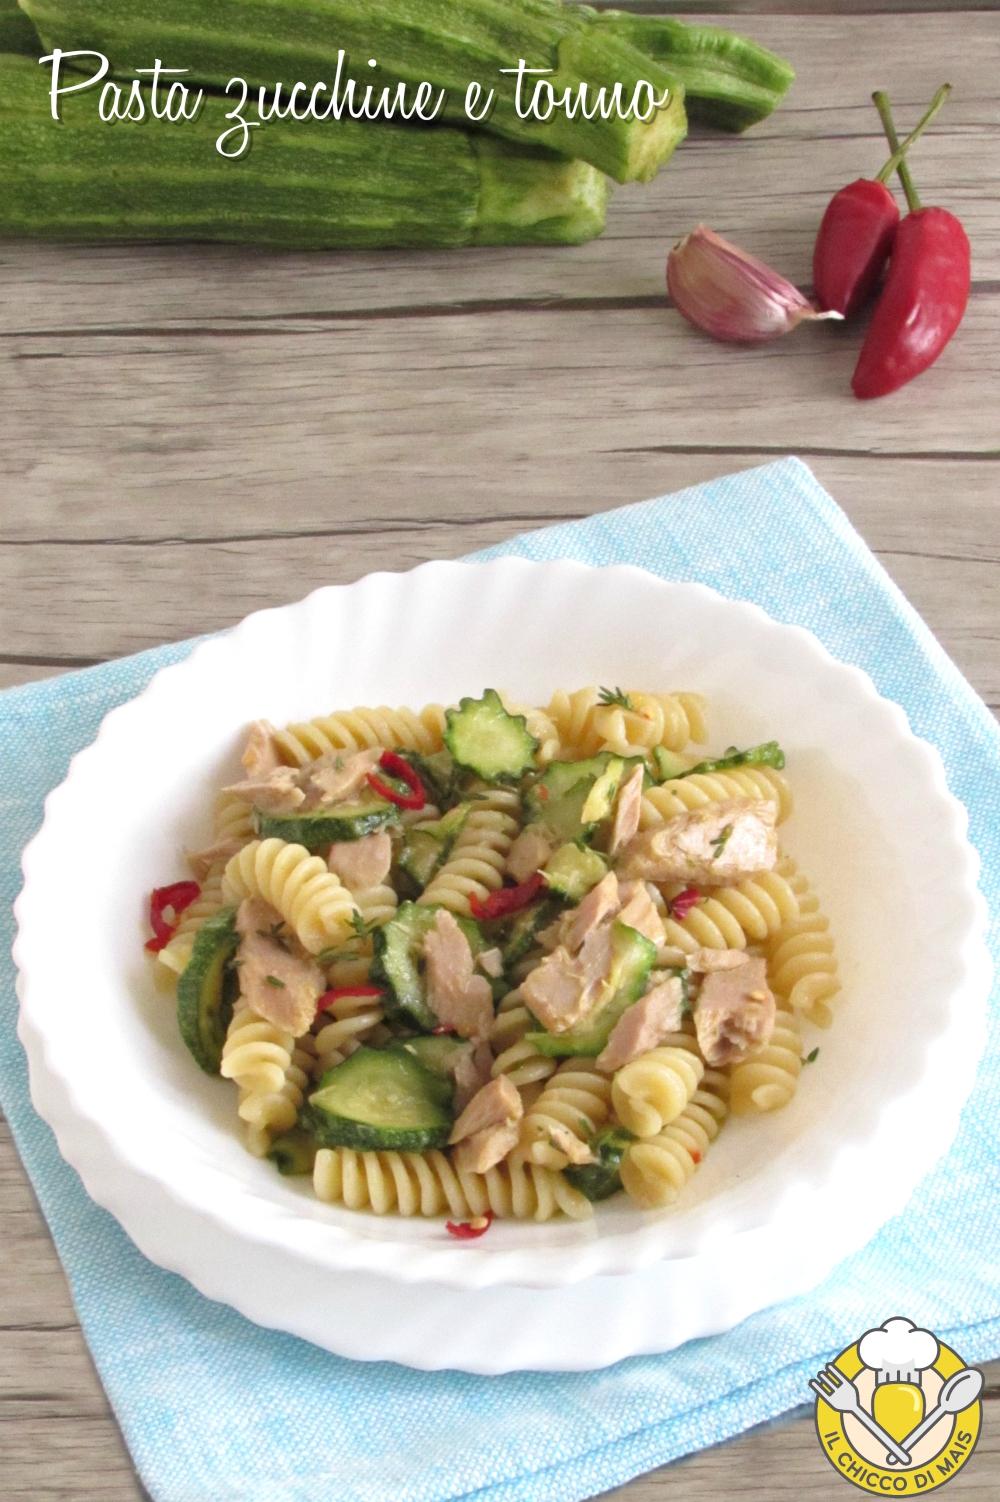 v_ Pasta zucchine e tonno in bianco ricetta facile e veloce il chicco di mais